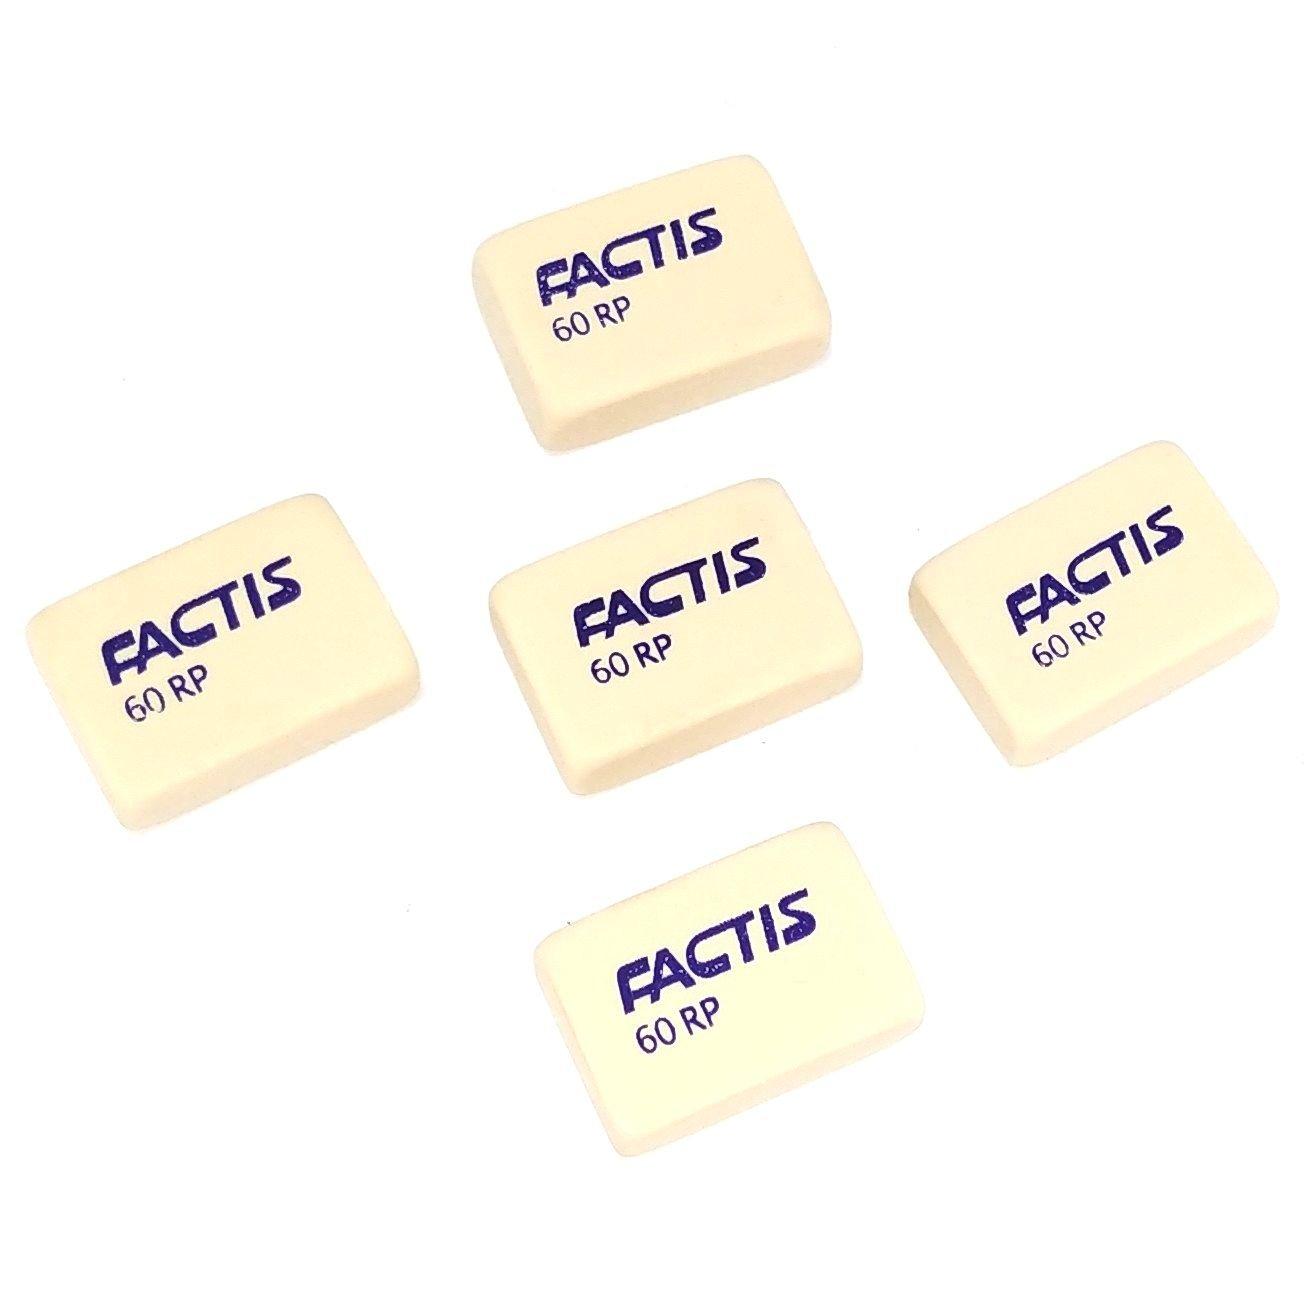 پاک کن فکتیس مدل 60RP بسته 5 عددی